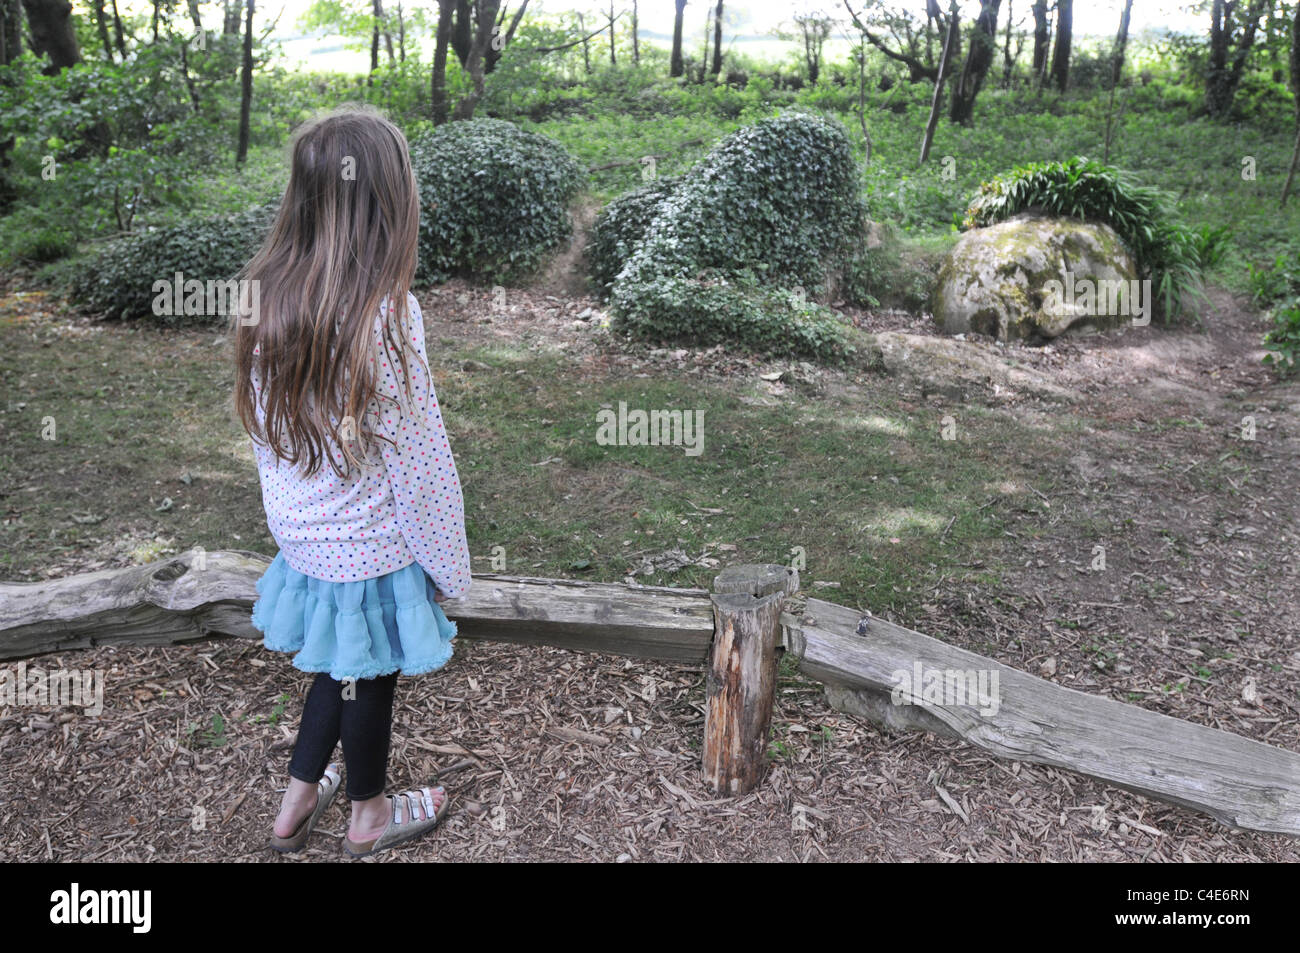 Eine Mädchen schaut auf die Mud Maid in die Lost Gardens of Heligan, Cornwall Stockbild